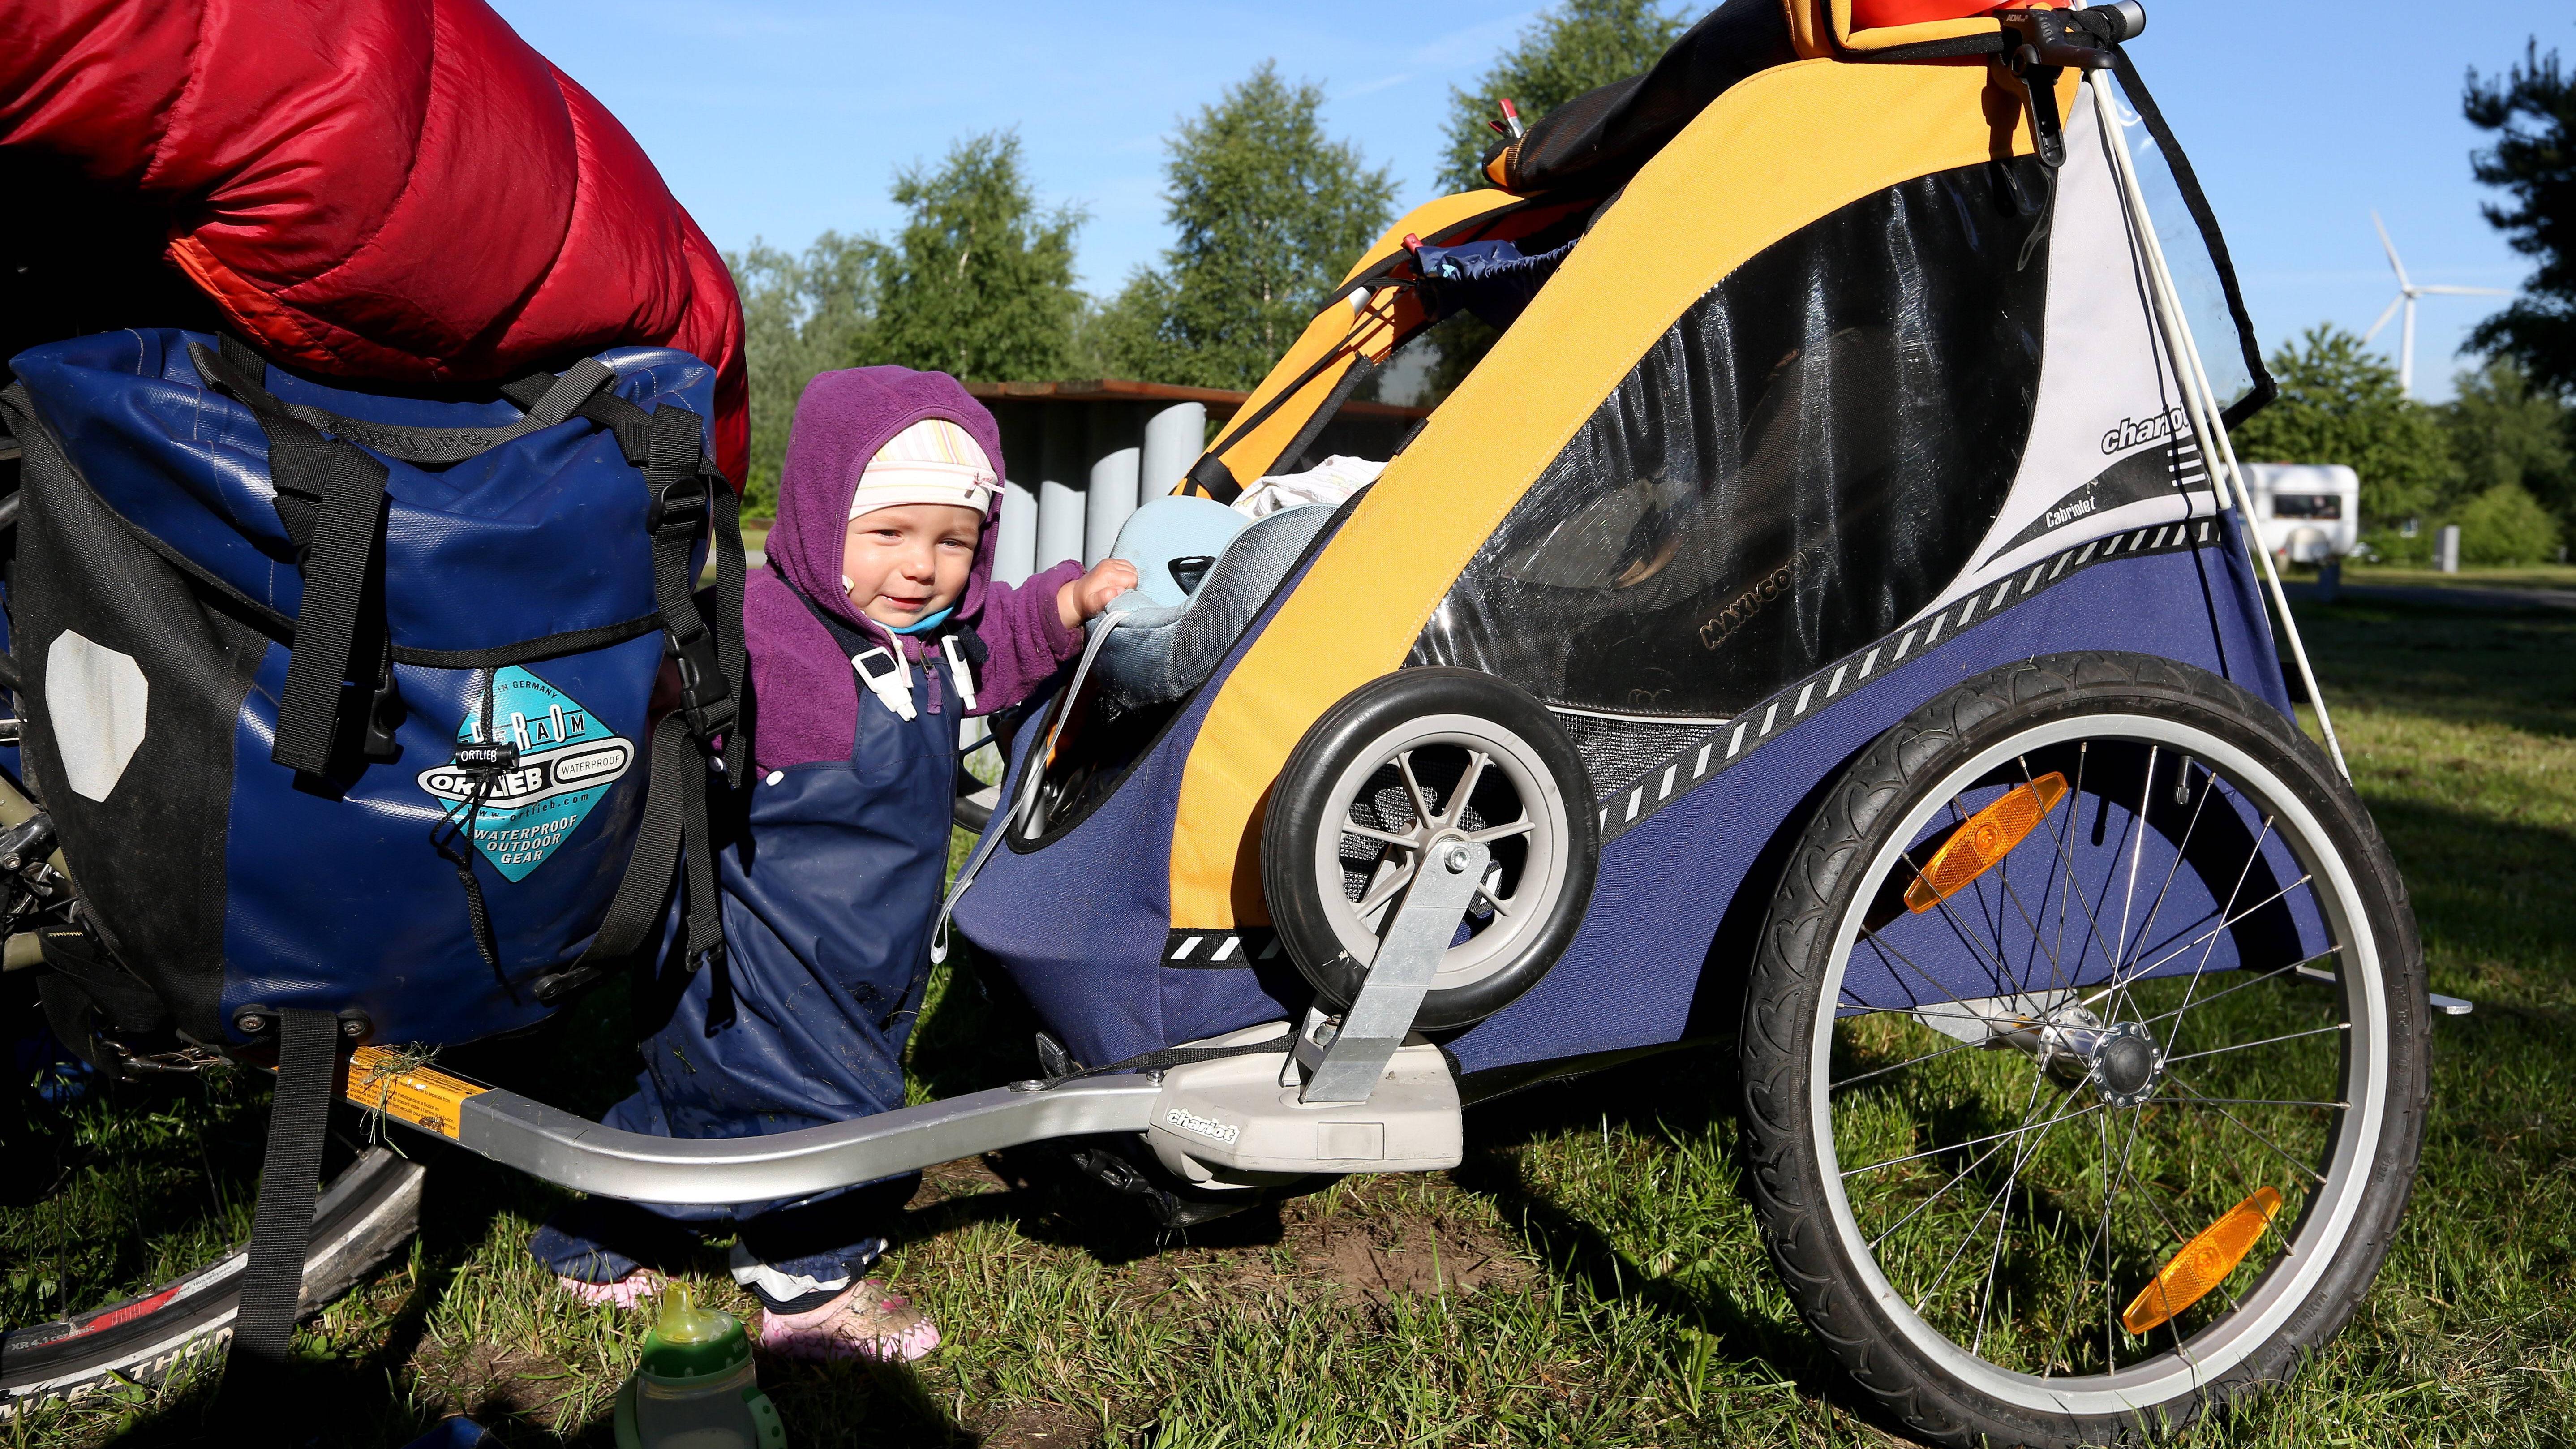 Das Montieren einer Anhängerkupplung am Fahrrad bietet Ihnen viele Vorteile.